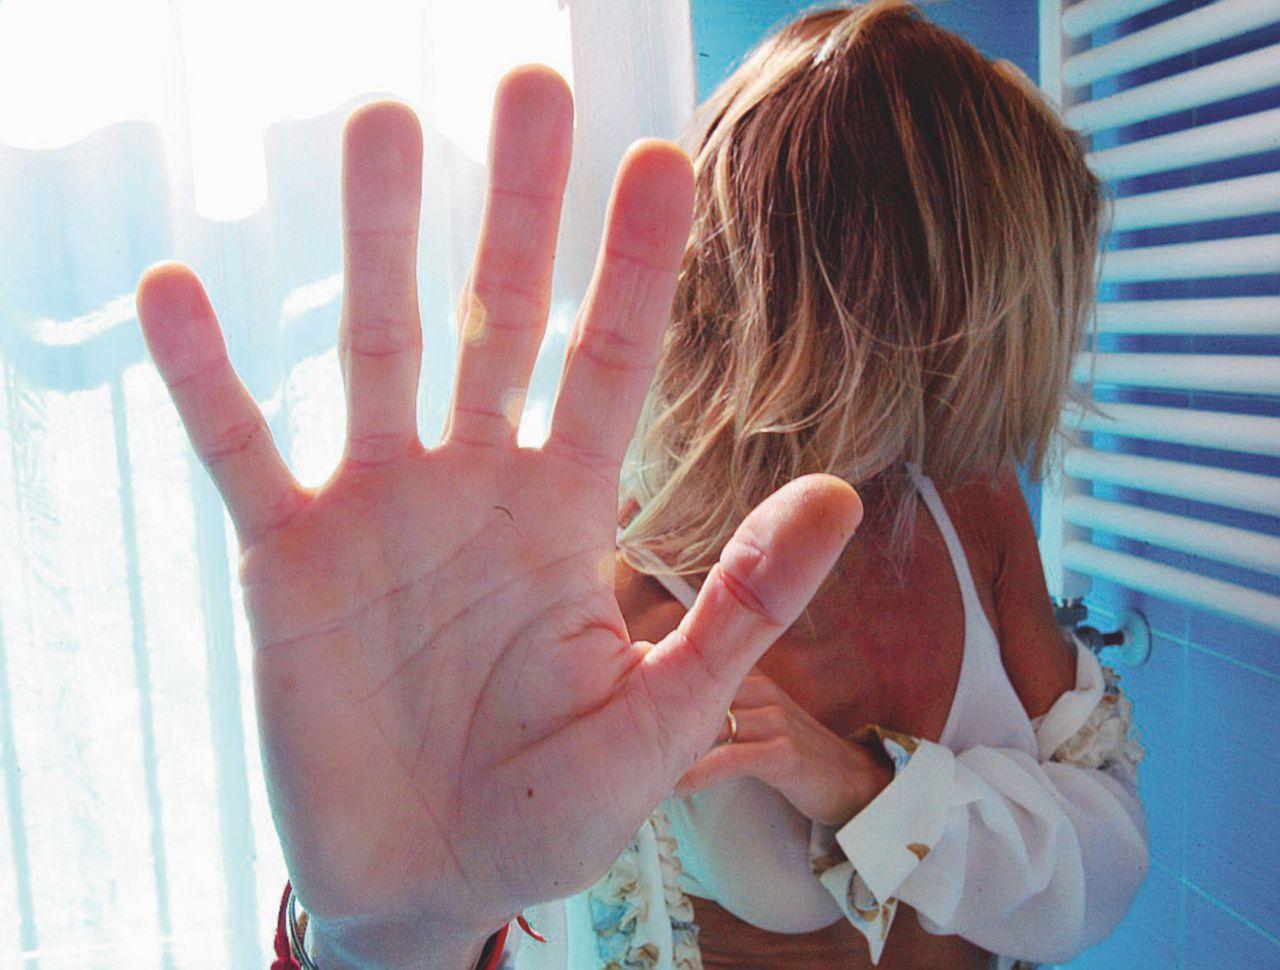 """Sorrento, stupro di gruppo in albergo: """"Violentata dai dipendenti"""""""